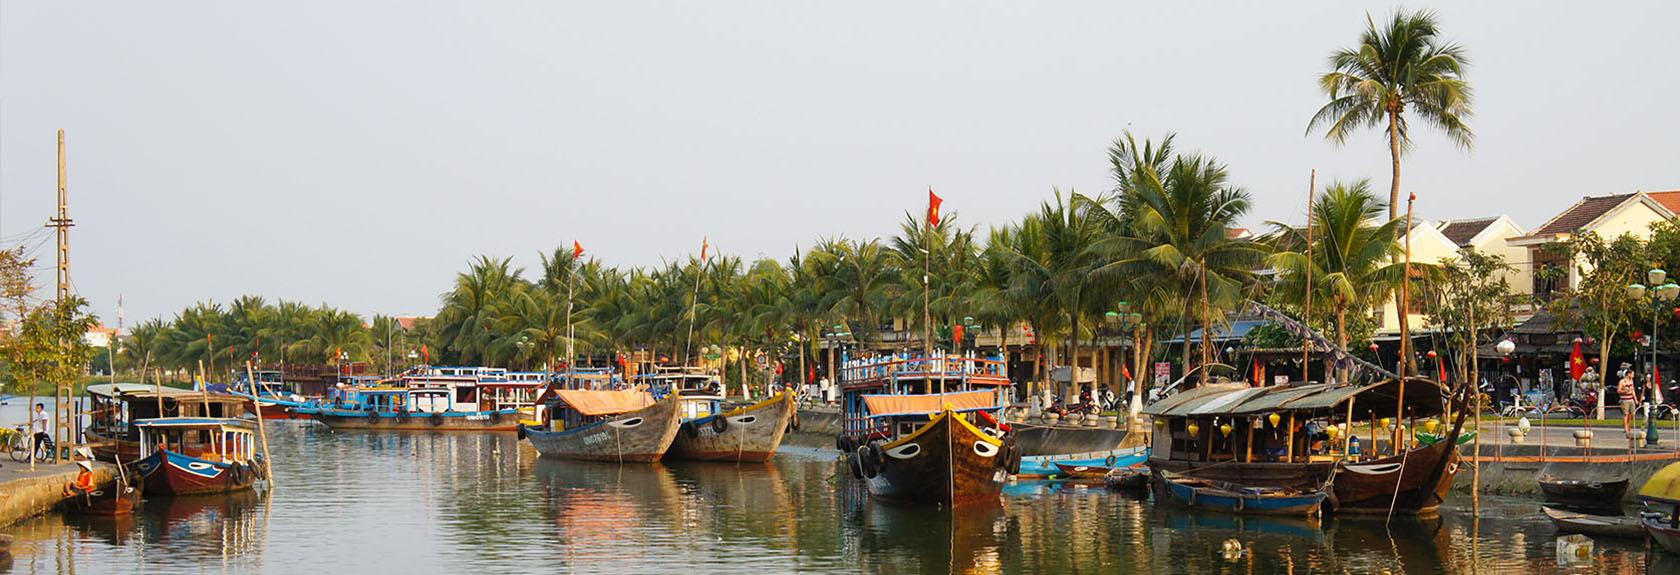 Combineer Dubai met een vakantie naar Vietnam